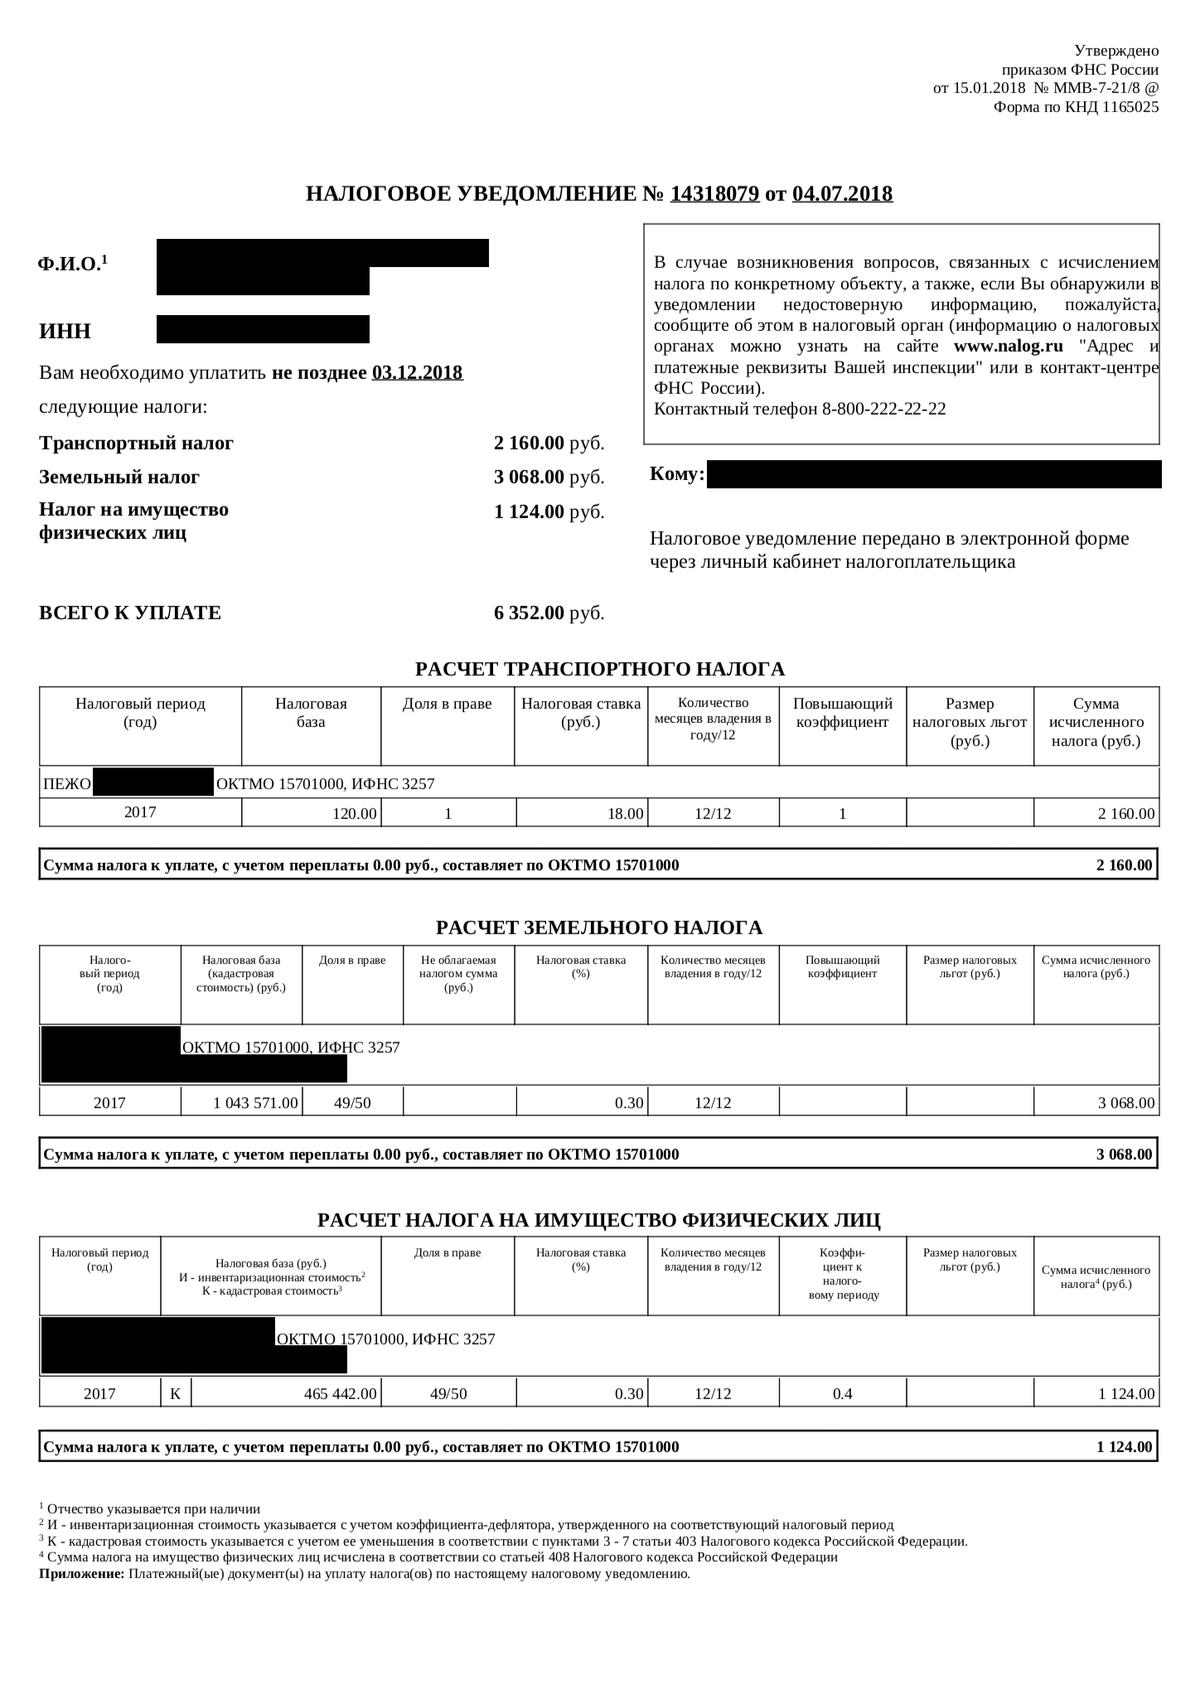 Так выглядит налоговое уведомление по имущественным налогам. Проверяйте реквизиты и список объектов